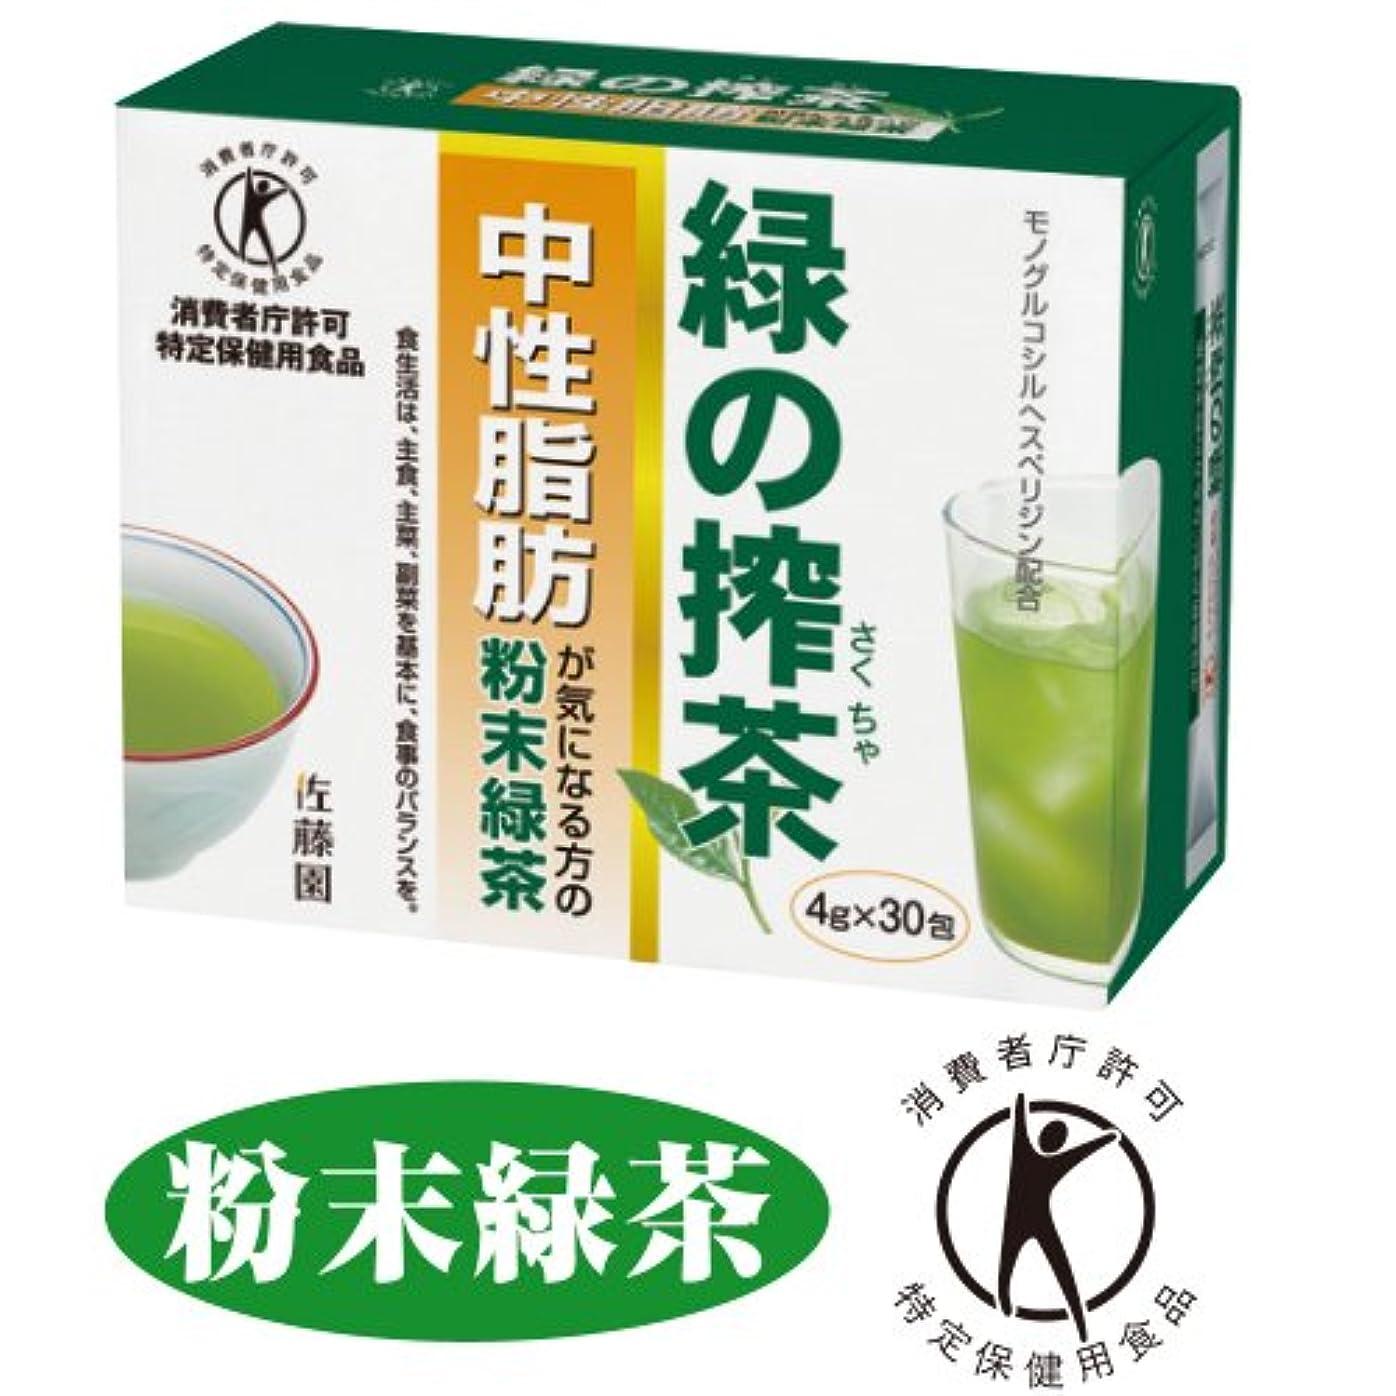 教えてマグ化粧佐藤園のトクホのお茶 緑の搾茶(中性脂肪) 30包 [特定保健用食品]